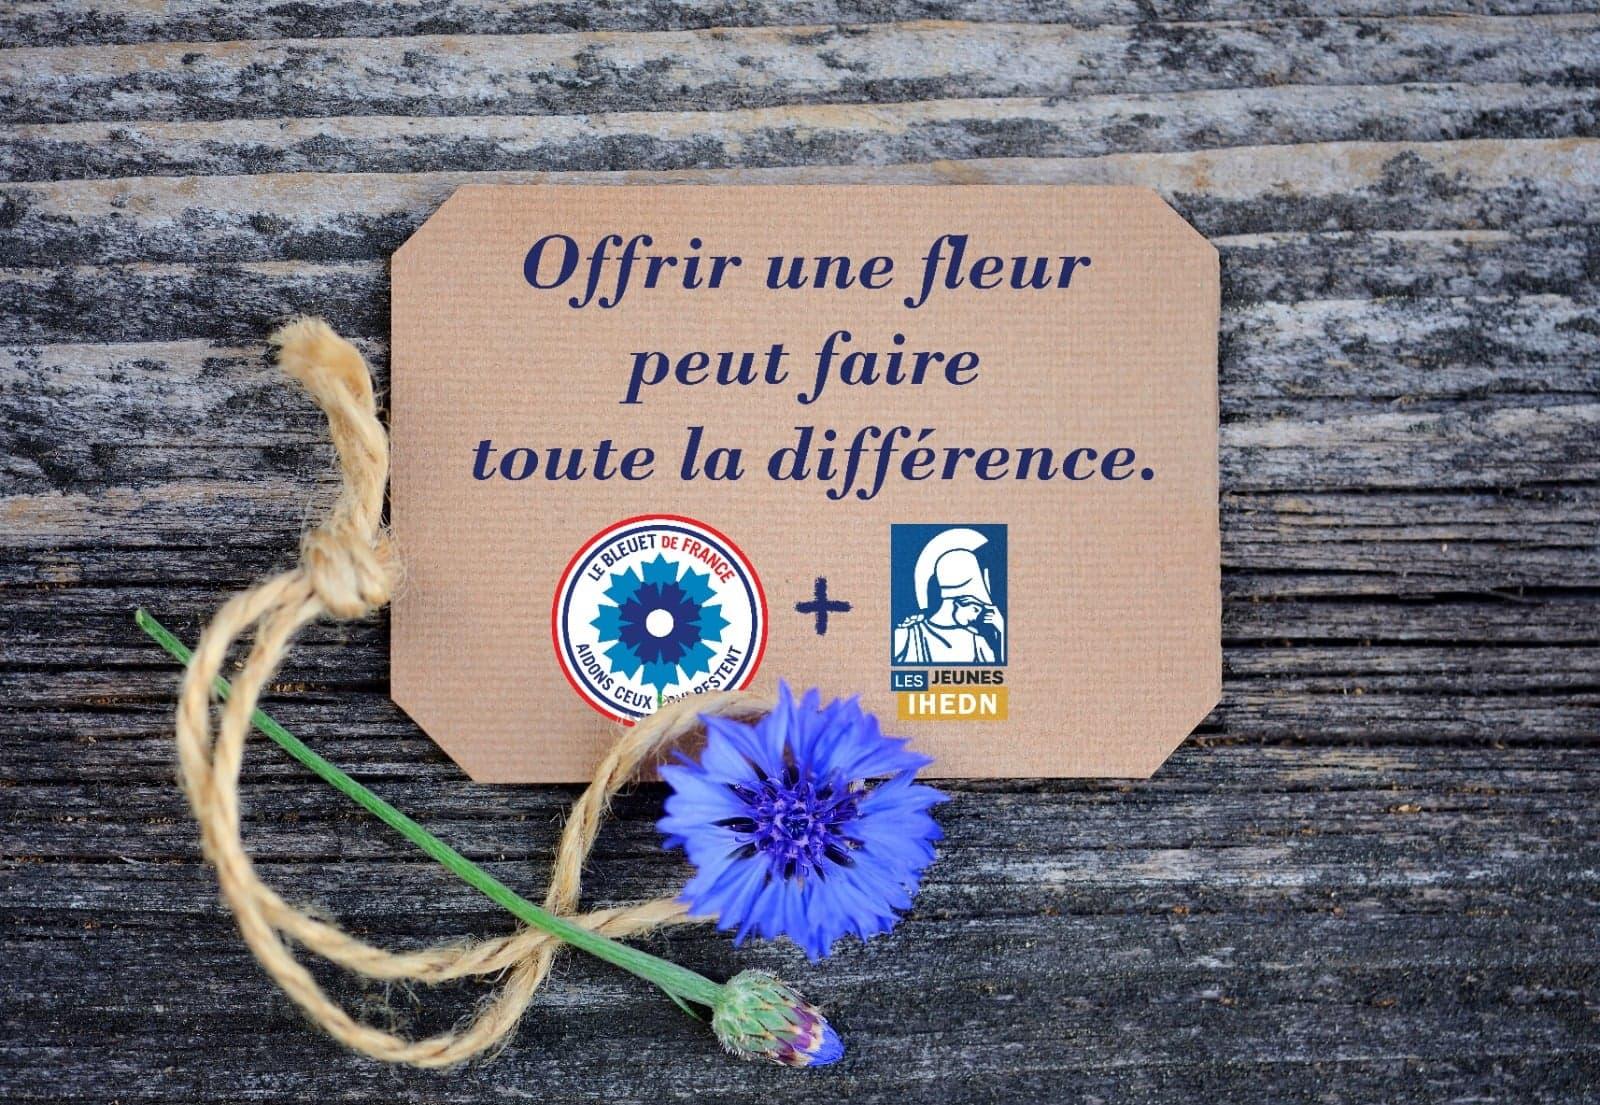 [Bleuet de France]Offrir une fleur peut faire toute la différence